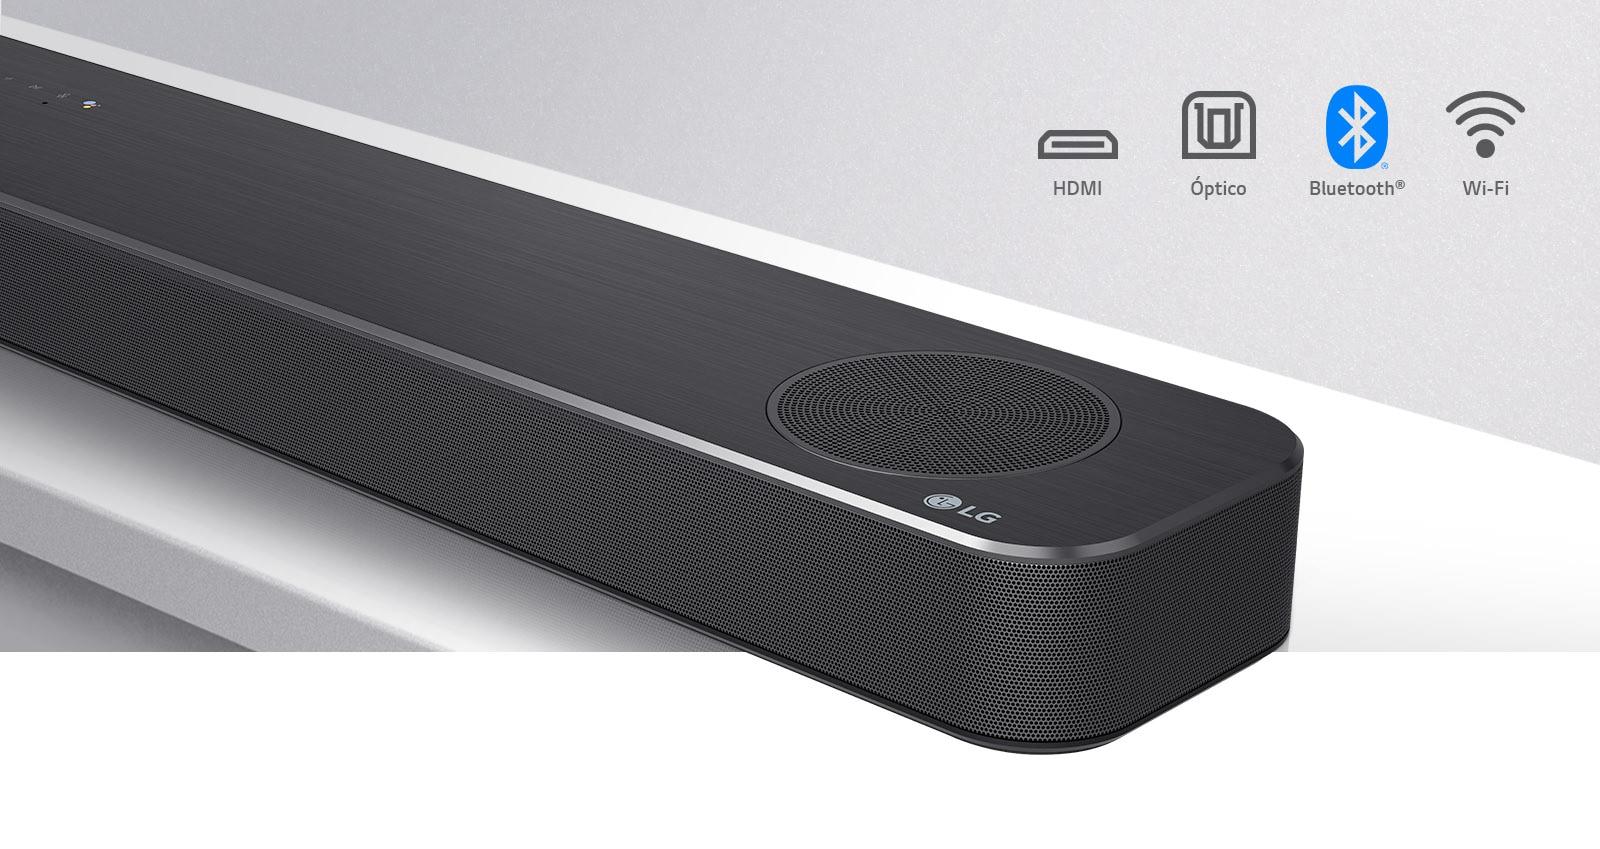 Primer plano del lado derecho de la barra de sonido LG con el logo de LG en la esquina inferior derecha. Los iconos de conectividad se muestran encima del producto.